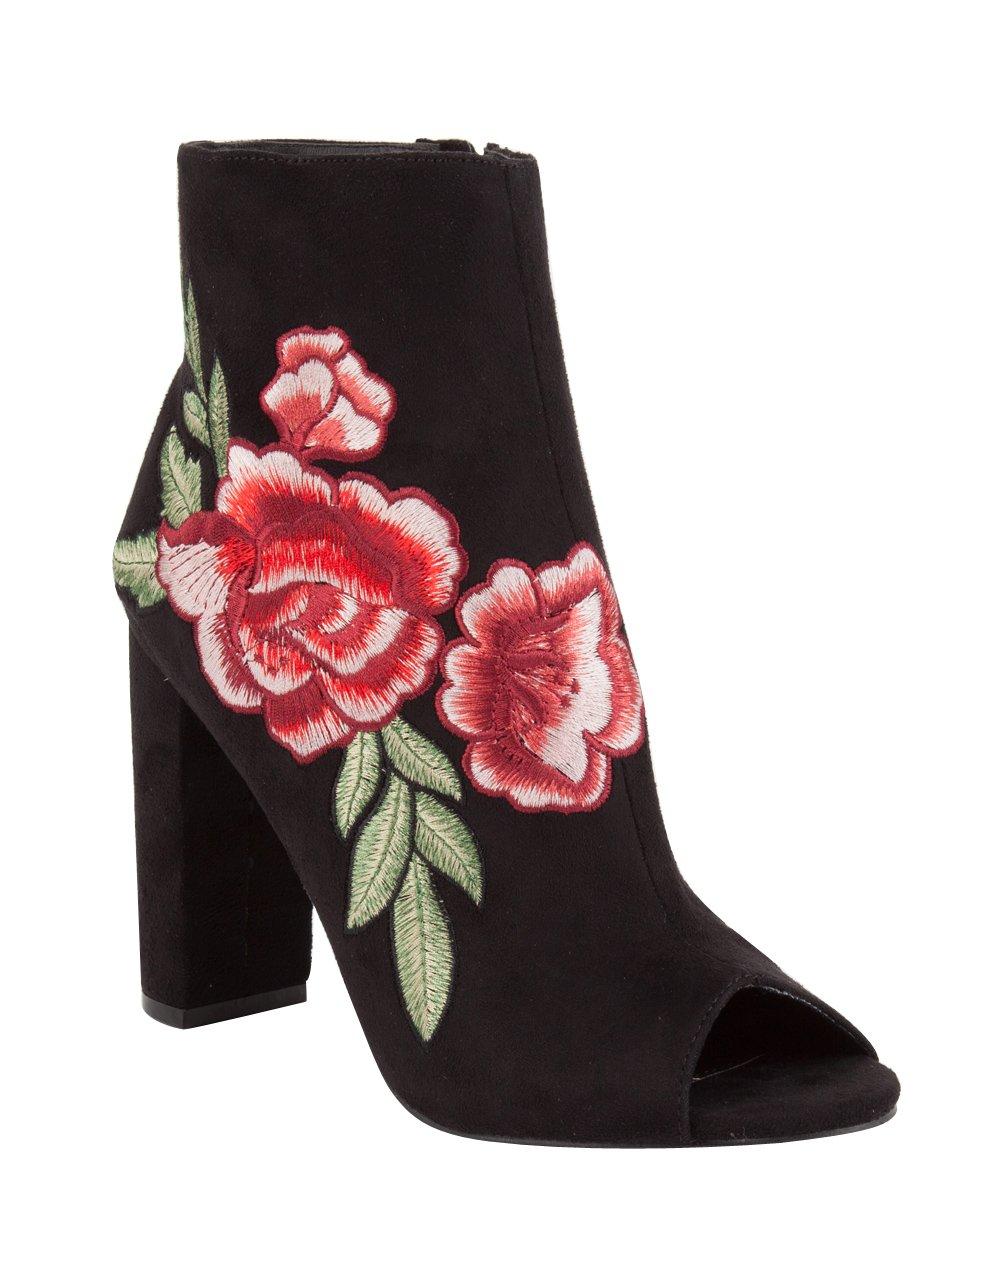 Wild Diva Rose Embroidered Peep Toe Womens Heeled Booties,7.5 B(M) US,Black